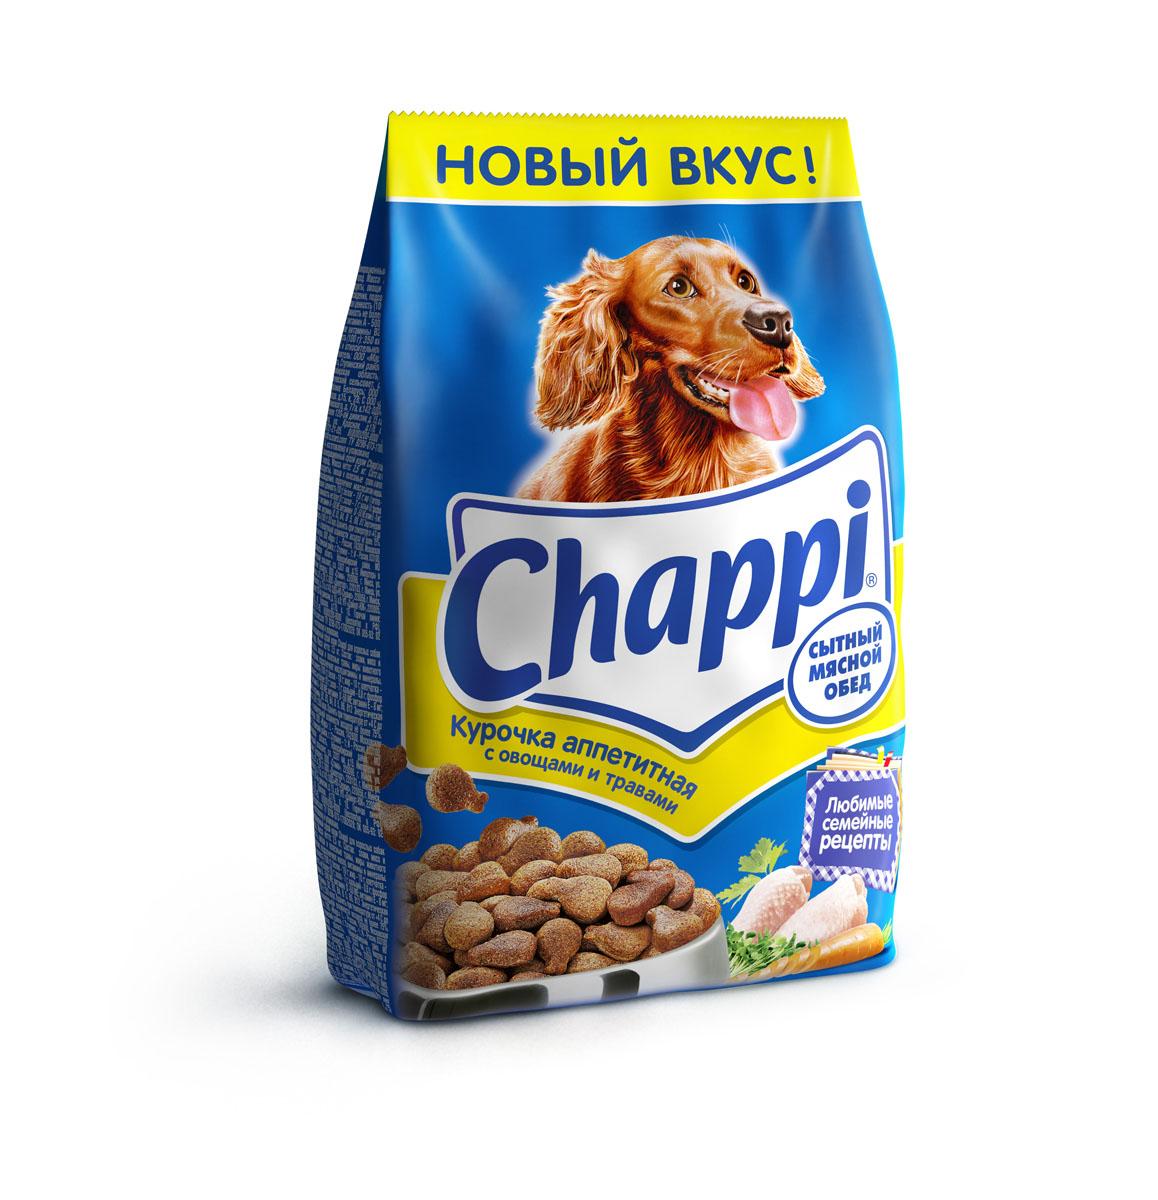 Корм сухой для собак Chappi Сытный мясной обед, курочка аппетитная, 2,5 кг25358Сухой корм Chappi Сытный мясной обед - это специально разработанная еда для собак с оптимально сбалансированным содержанием белков, витаминов и микроэлементов. Уникальная формула Chappi включает в себя все необходимые для здоровья компоненты: - мясо - для силы и энергии в течение дня; - овощи, травы и злаки - для отличного пищеварения; - масла и жиры - для блестящей шерсти и здоровой кожи; - кальций - для крепких зубов и костей; - витамины - для защиты здоровья; - минералы - для подержания собаки в оптимальной форме. Корм Chappi идеально подходит для вашего любимца как надежный источник жизненных сил. Состав: злаки, мясо и субпродукты, жиры животного происхождения, морковь, люцерна, растительные масла, минеральные вещества, витамины. Пищевая ценность в 100 г: белок - 18 г, жиры - 10 г, клетчатка - 7 г, влажность - не более 10 г, зола - 7 г, кальций - 0,8 г, фосфор - 0,6 г, витамин А - 500...